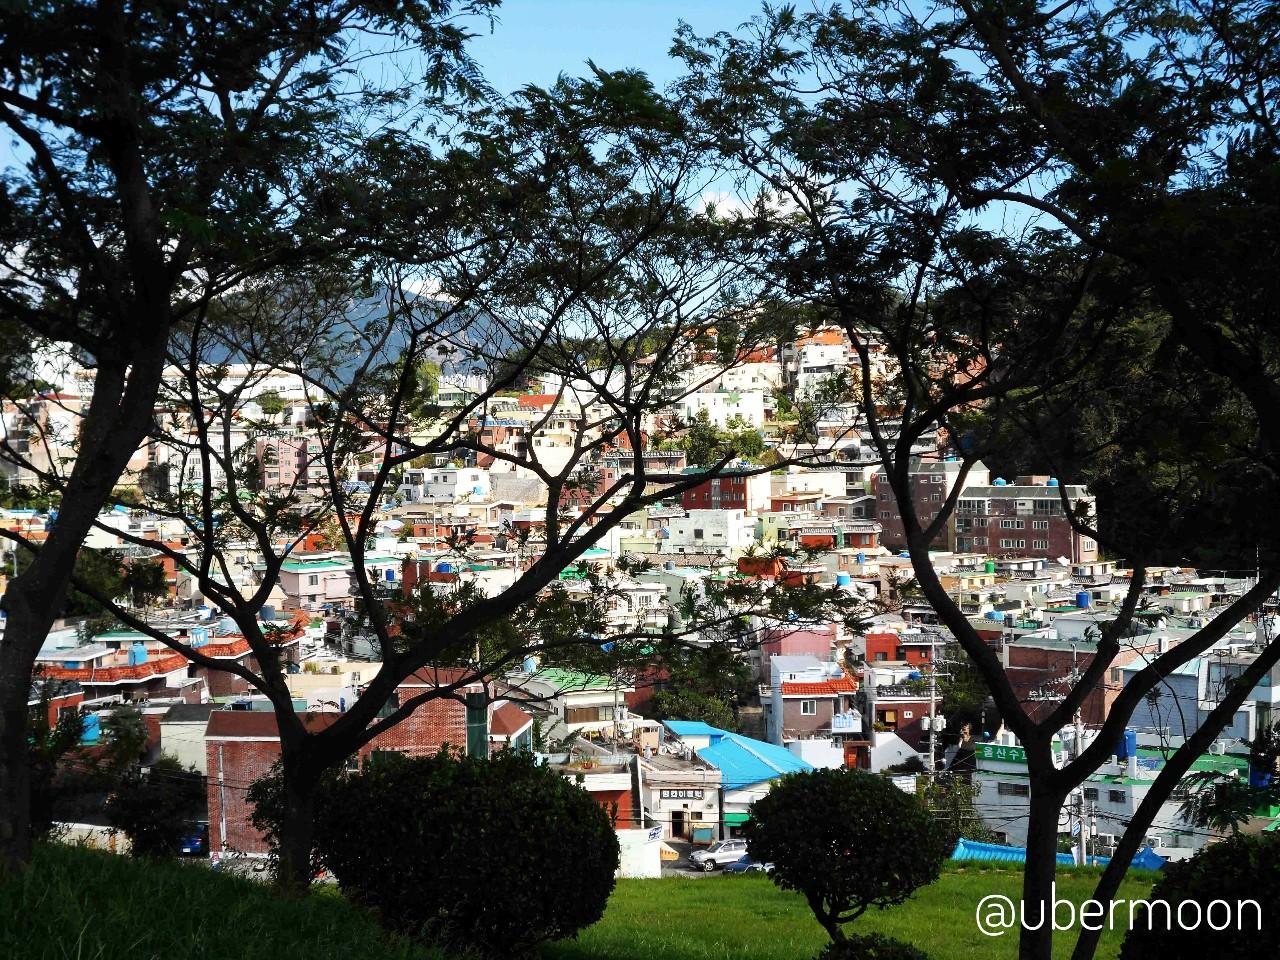 Rumah-rumah di Busan